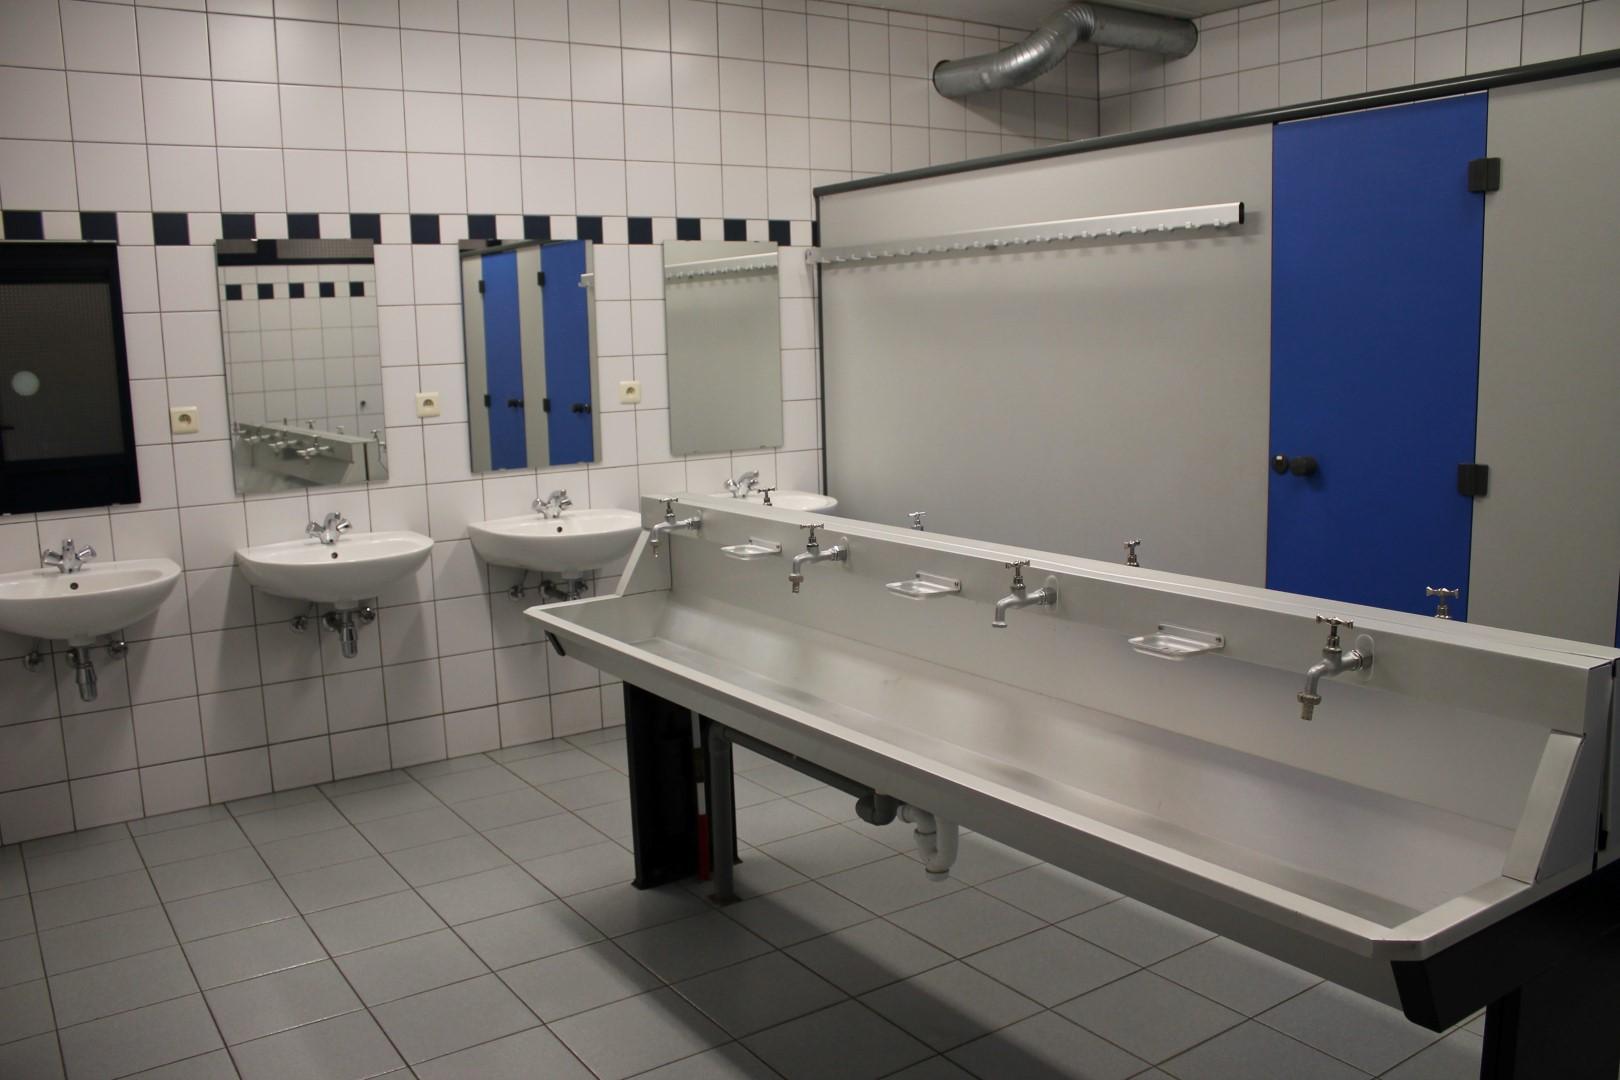 Toiletten wasruimte douches kampidoe - Een wasruimte voorzien ...